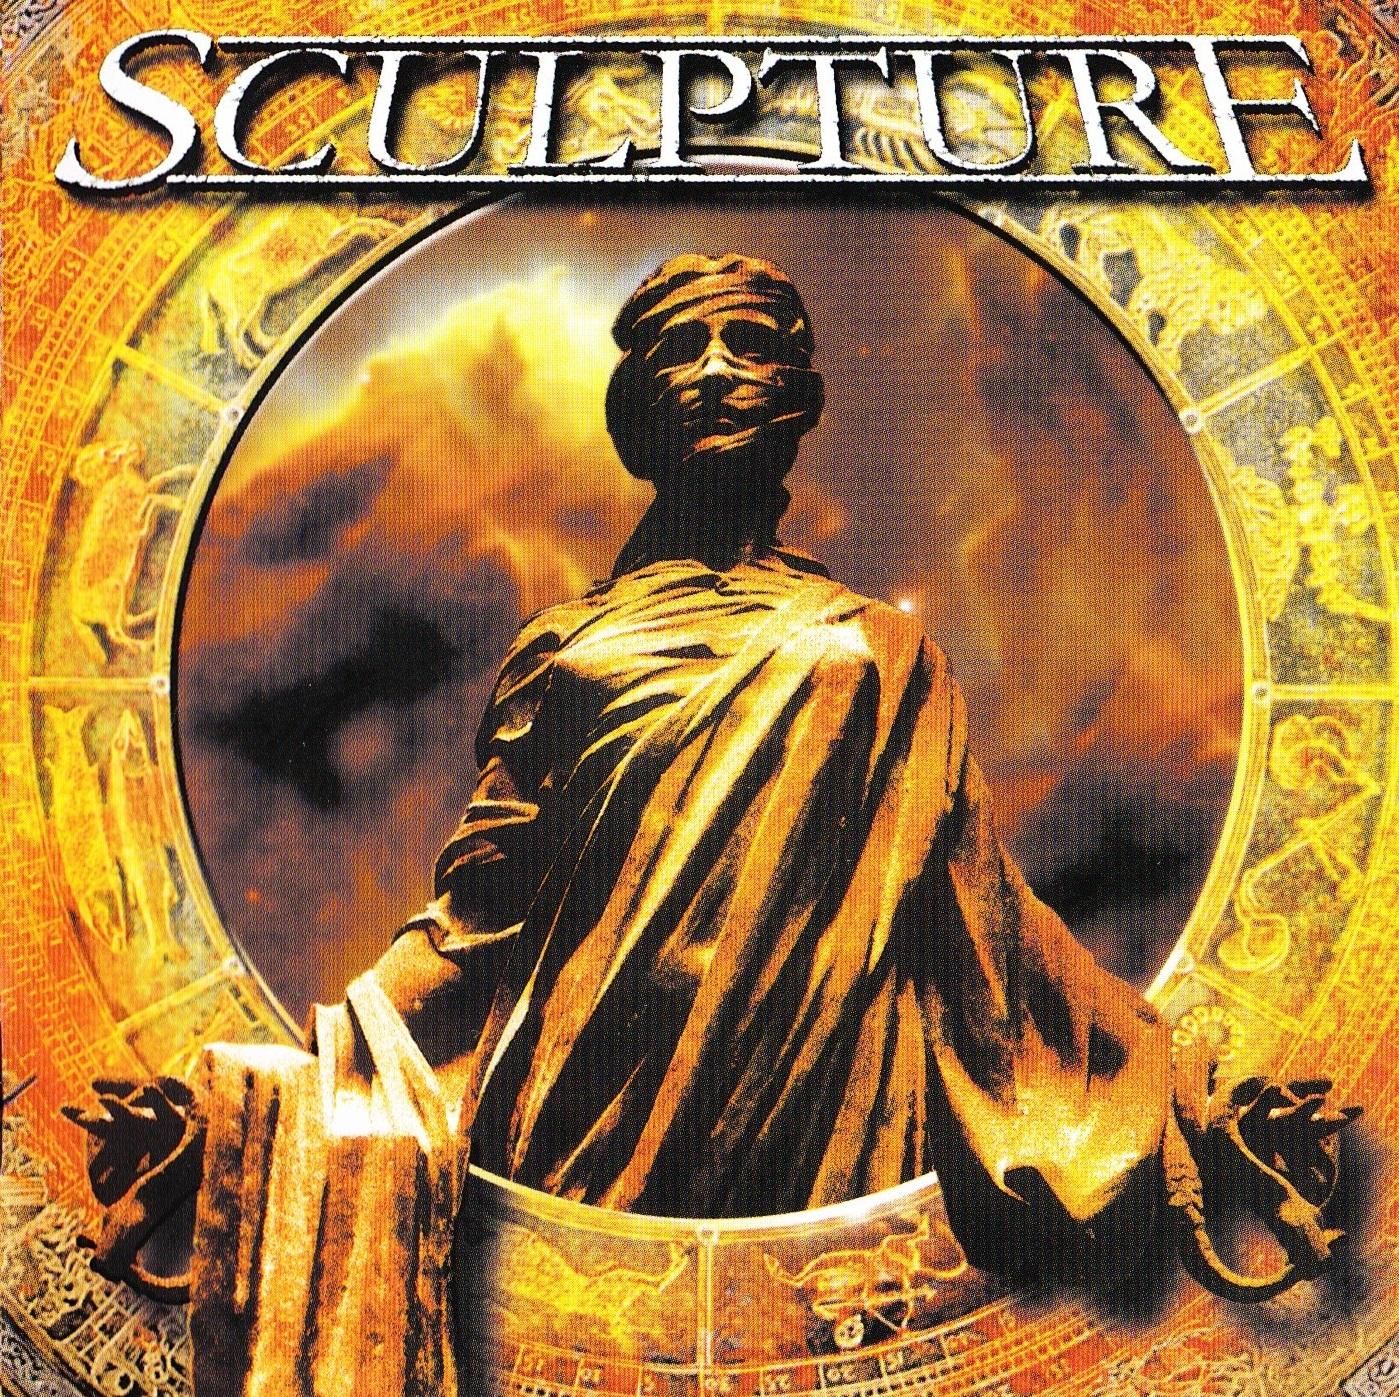 Sculpture — Sculpture (1999)